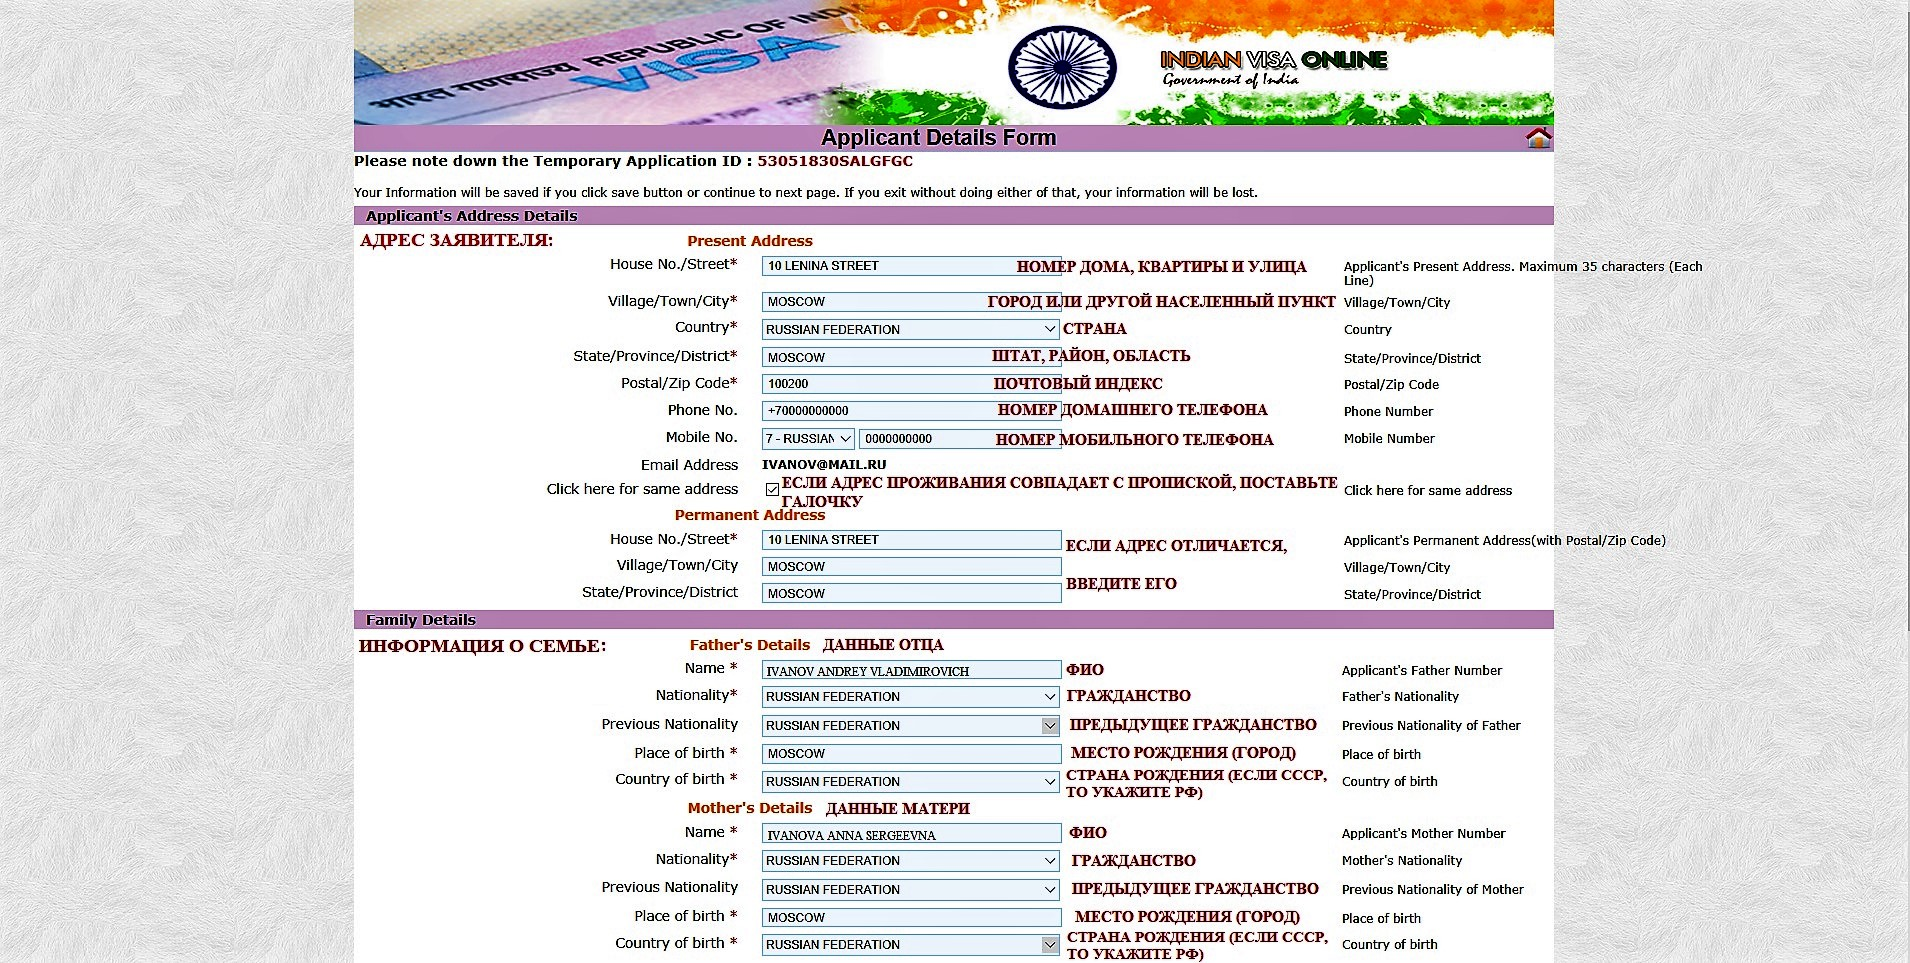 Получение и оформление визы в Индию для граждан России, Украины, Беларуси, Казахстана